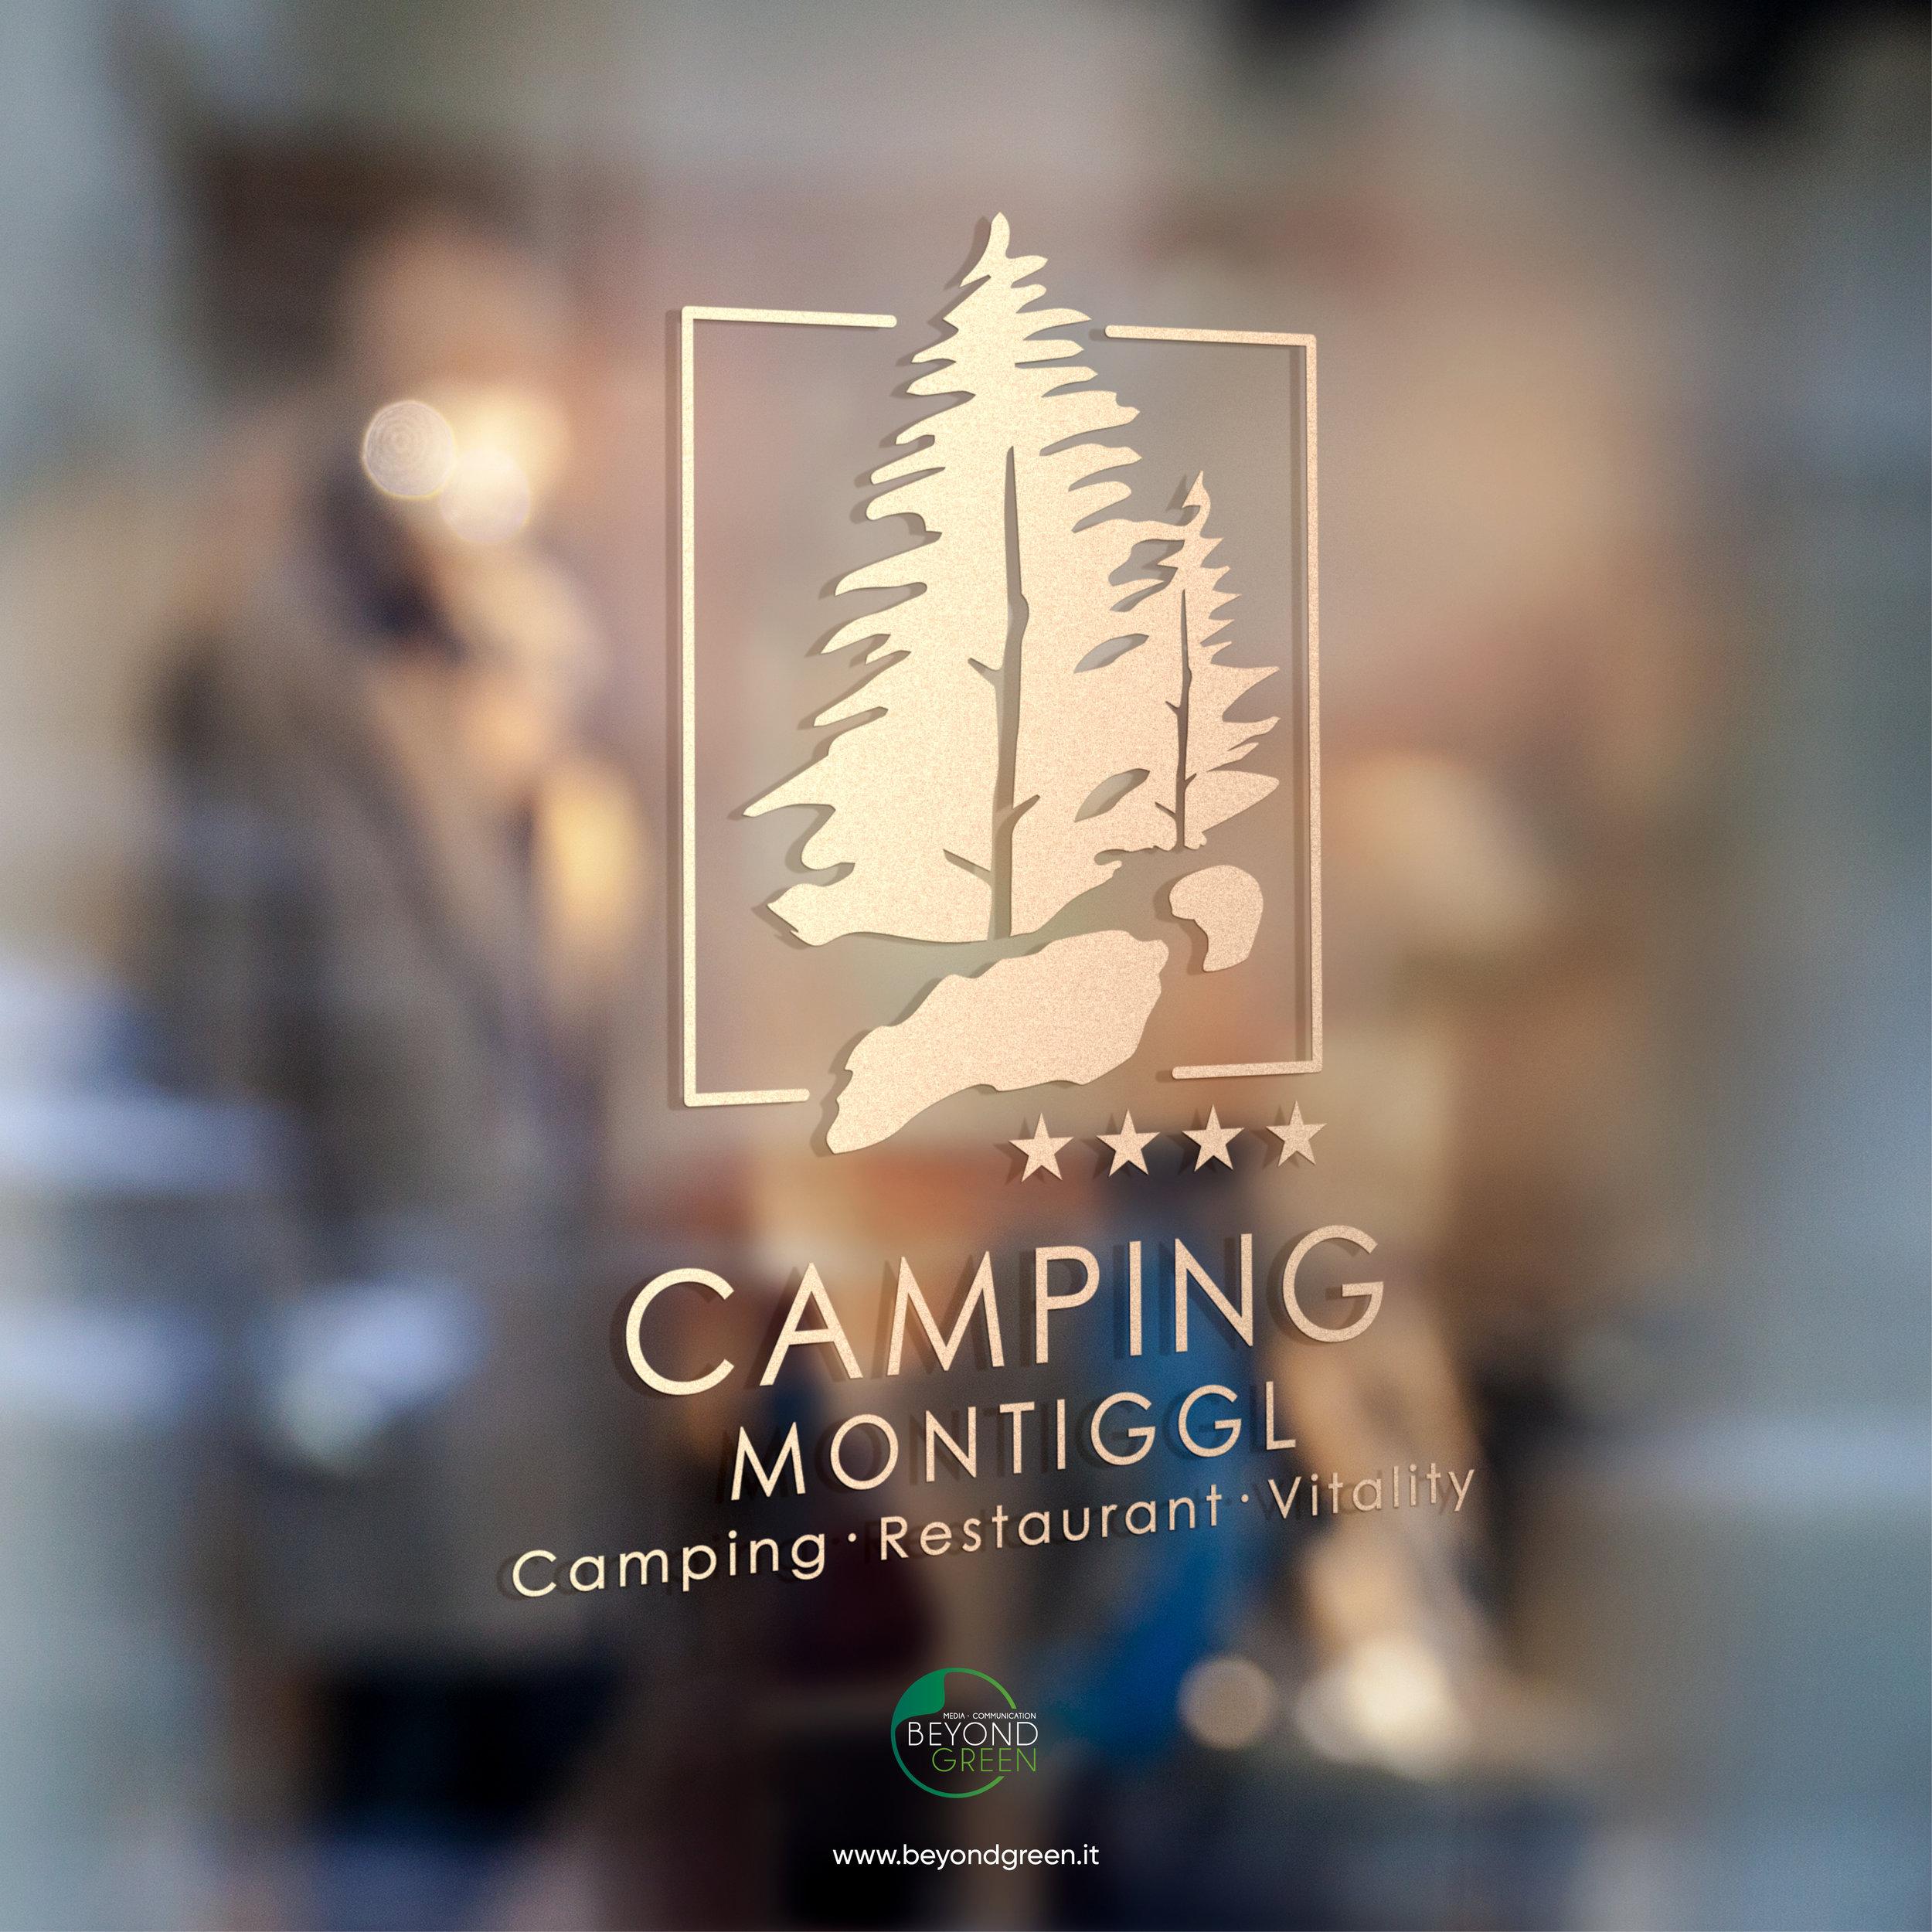 Camping_referenze6.jpg